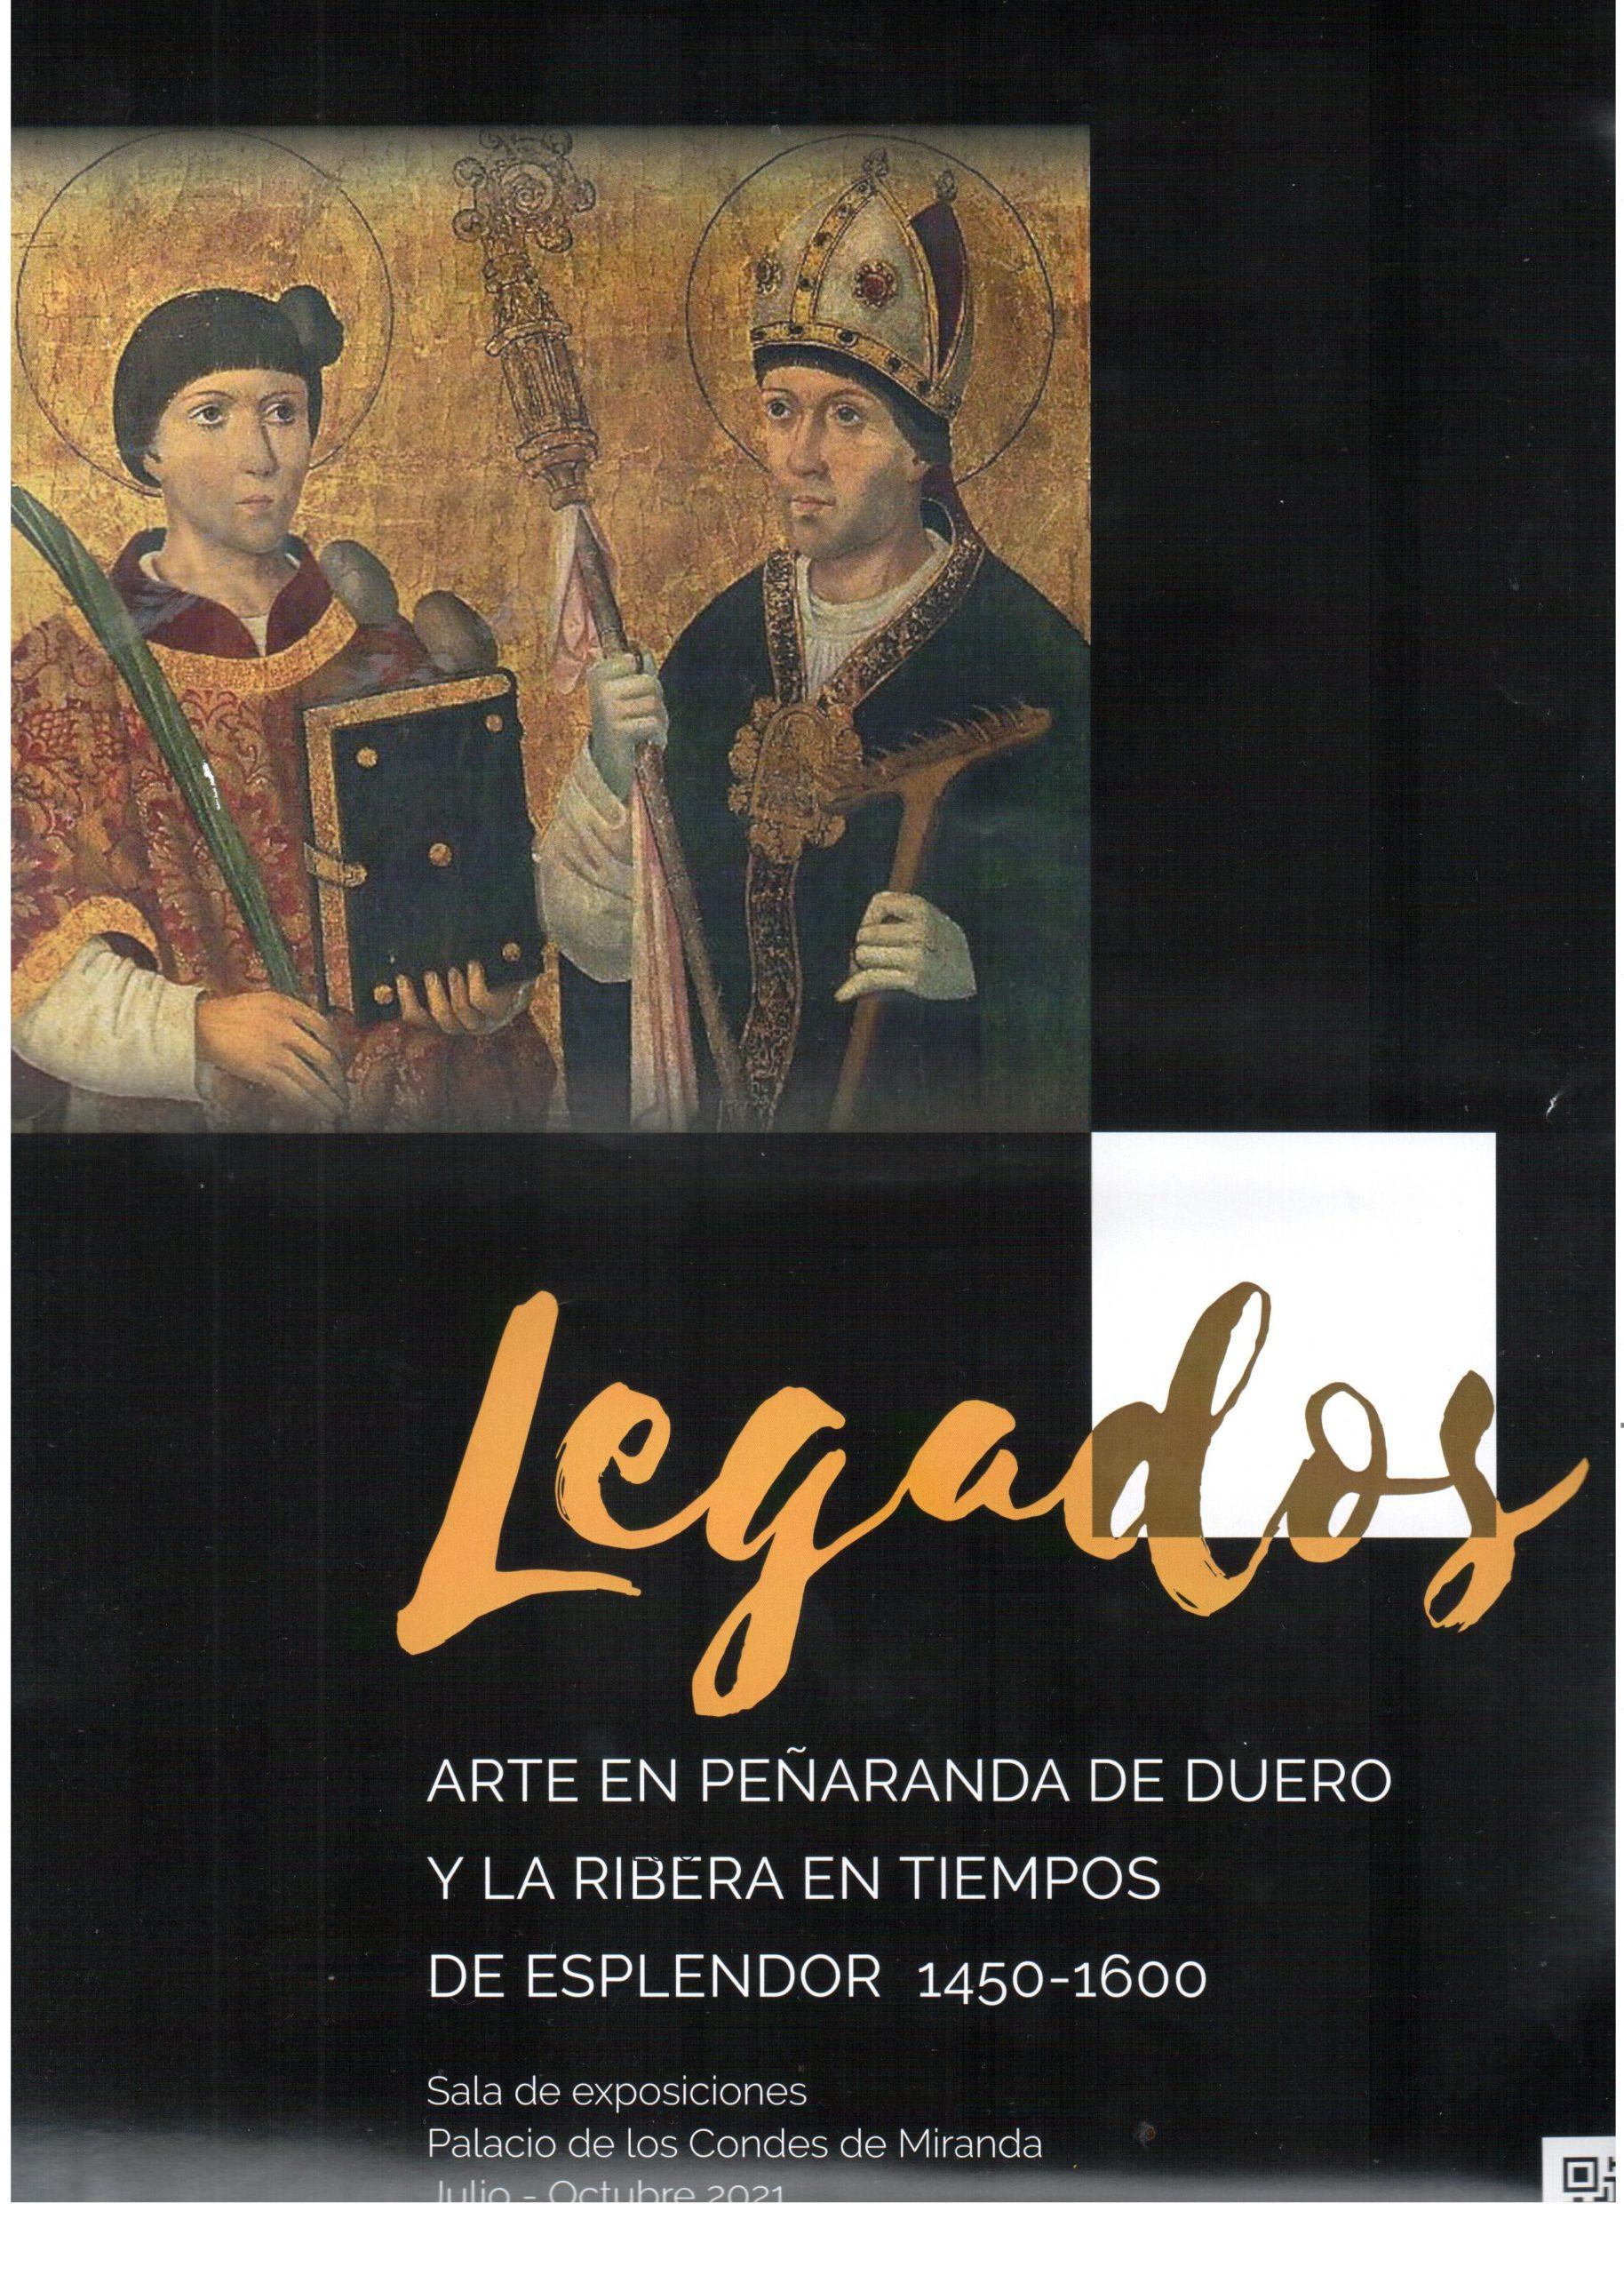 Cartel de la expo, con parte de la predela como motivo pictórico